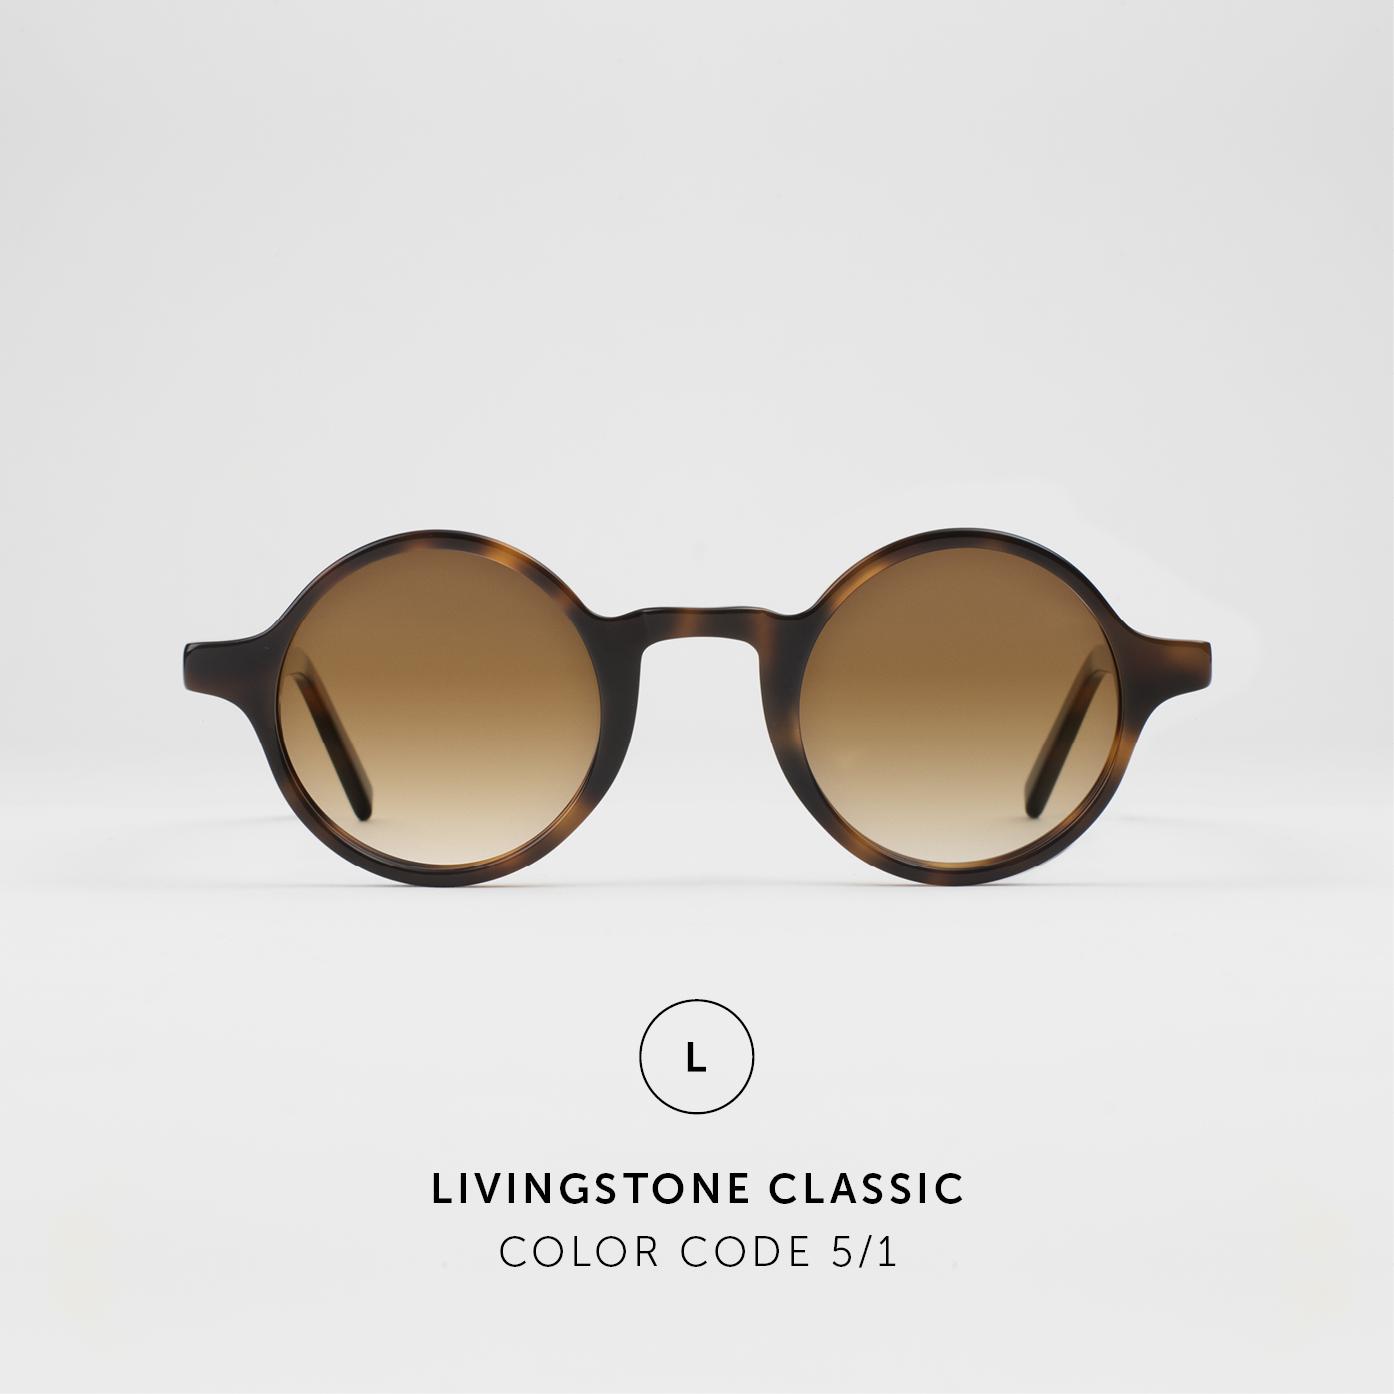 LivingstoneClassic31.jpg